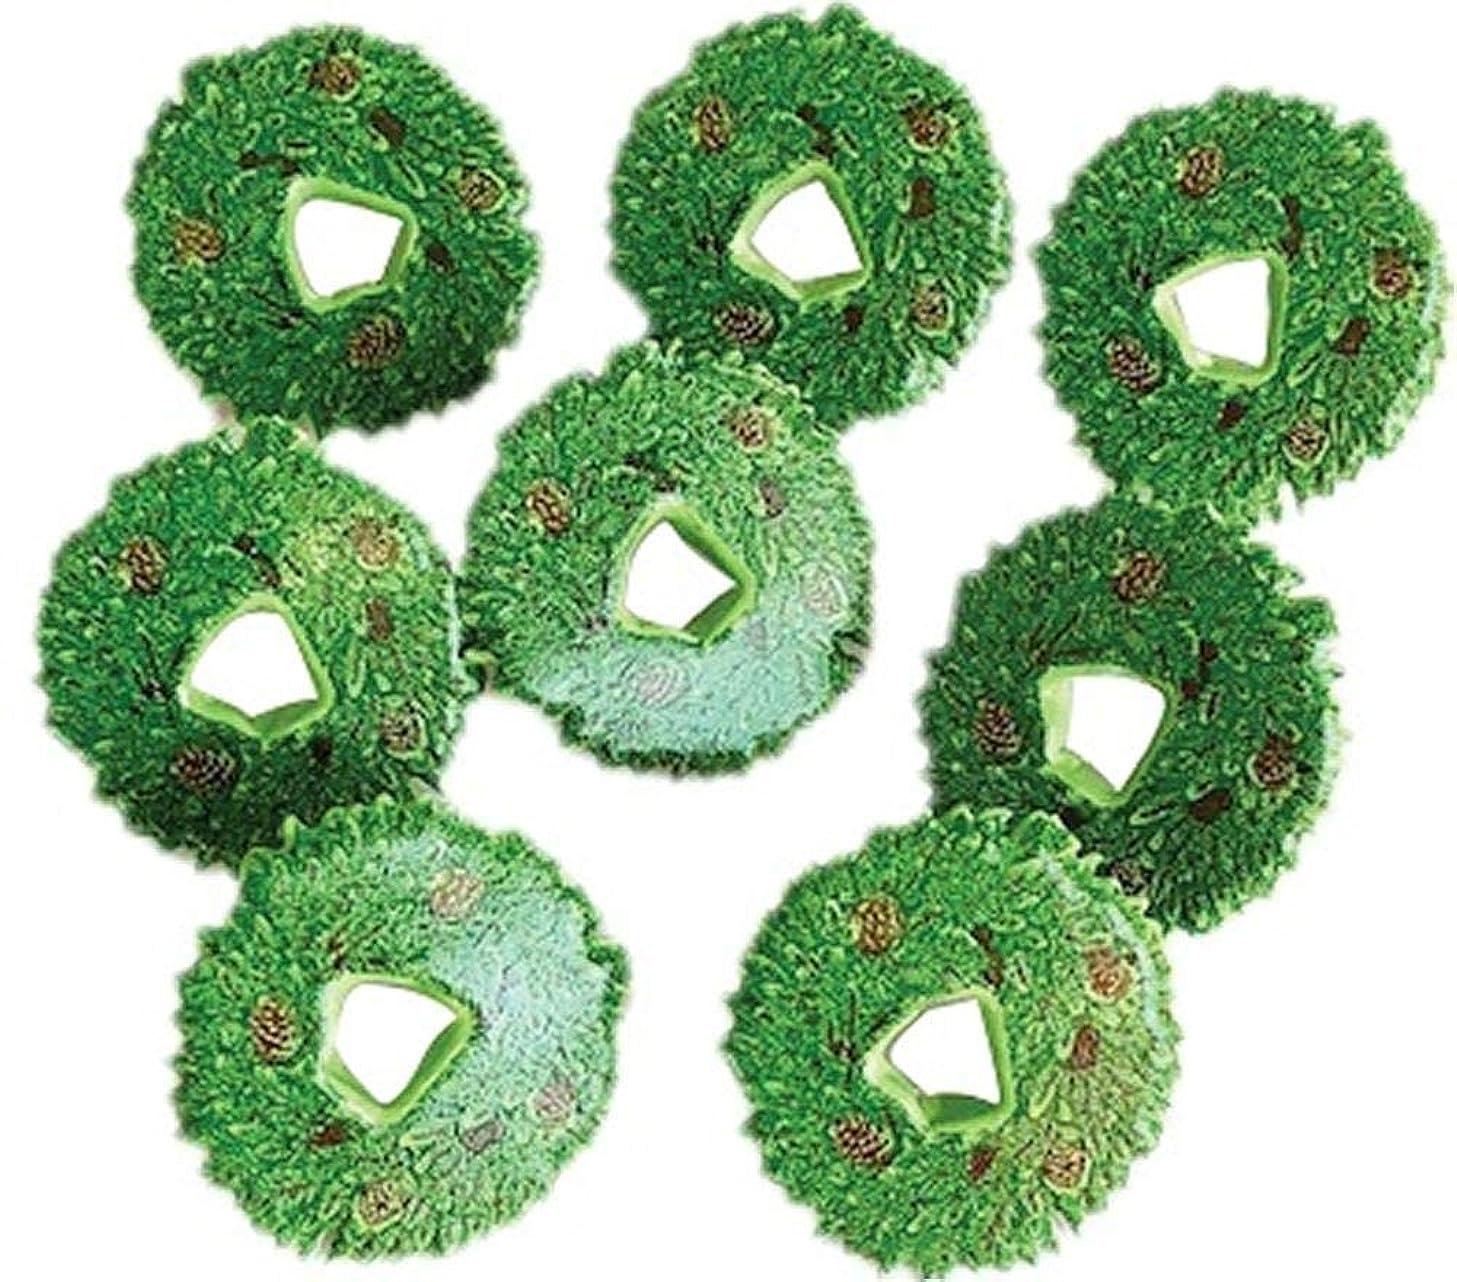 Eyelet Outlet QBRD2-157 Shape Brads 12/Pkg-Wreath